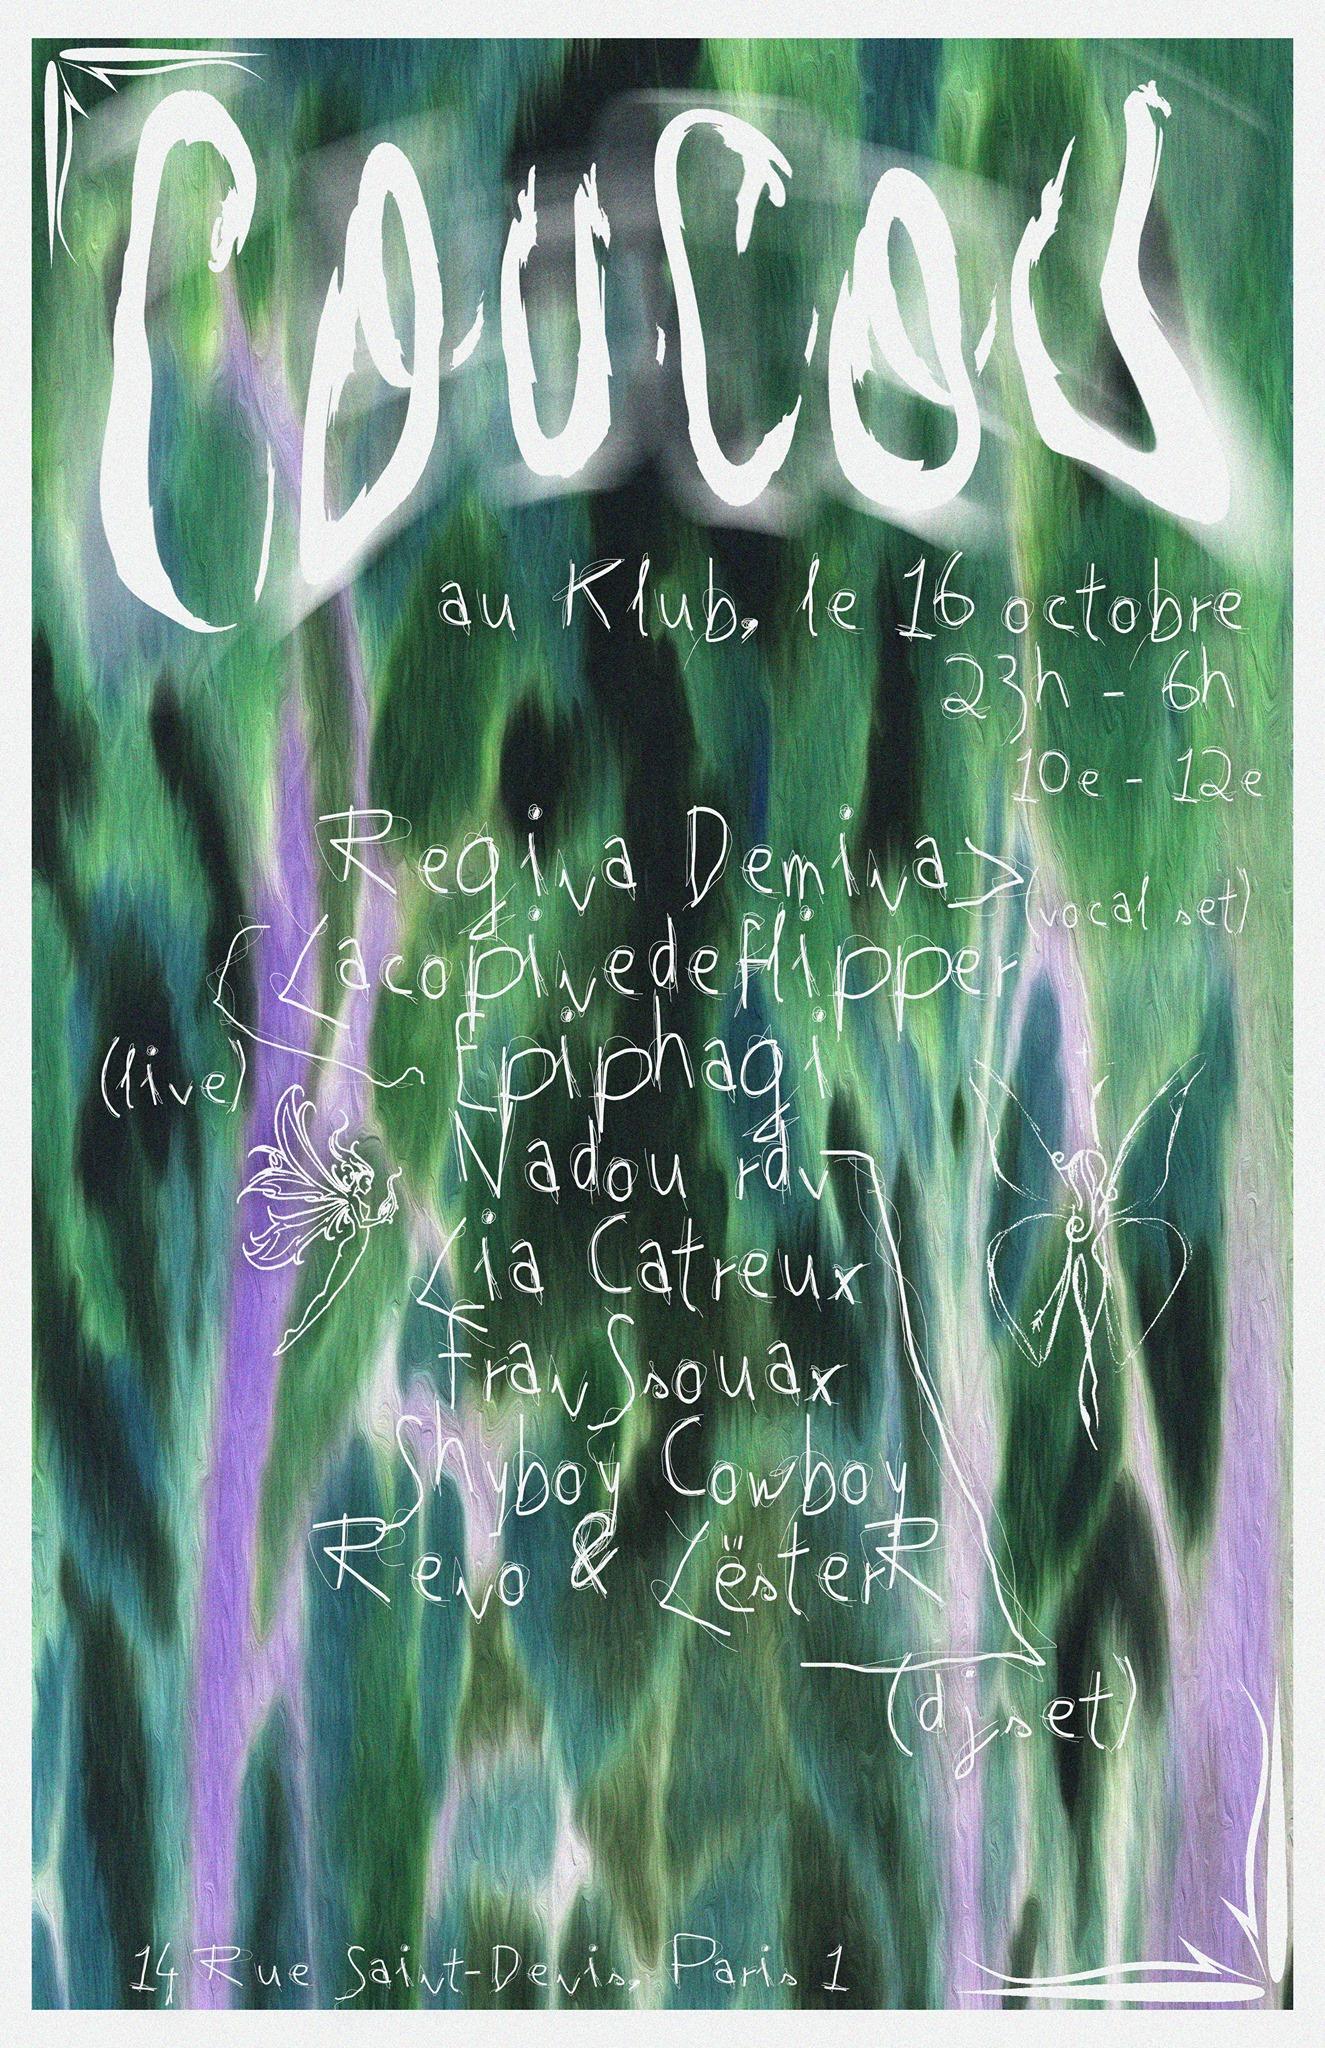 LA COUCOU ■ 16.10